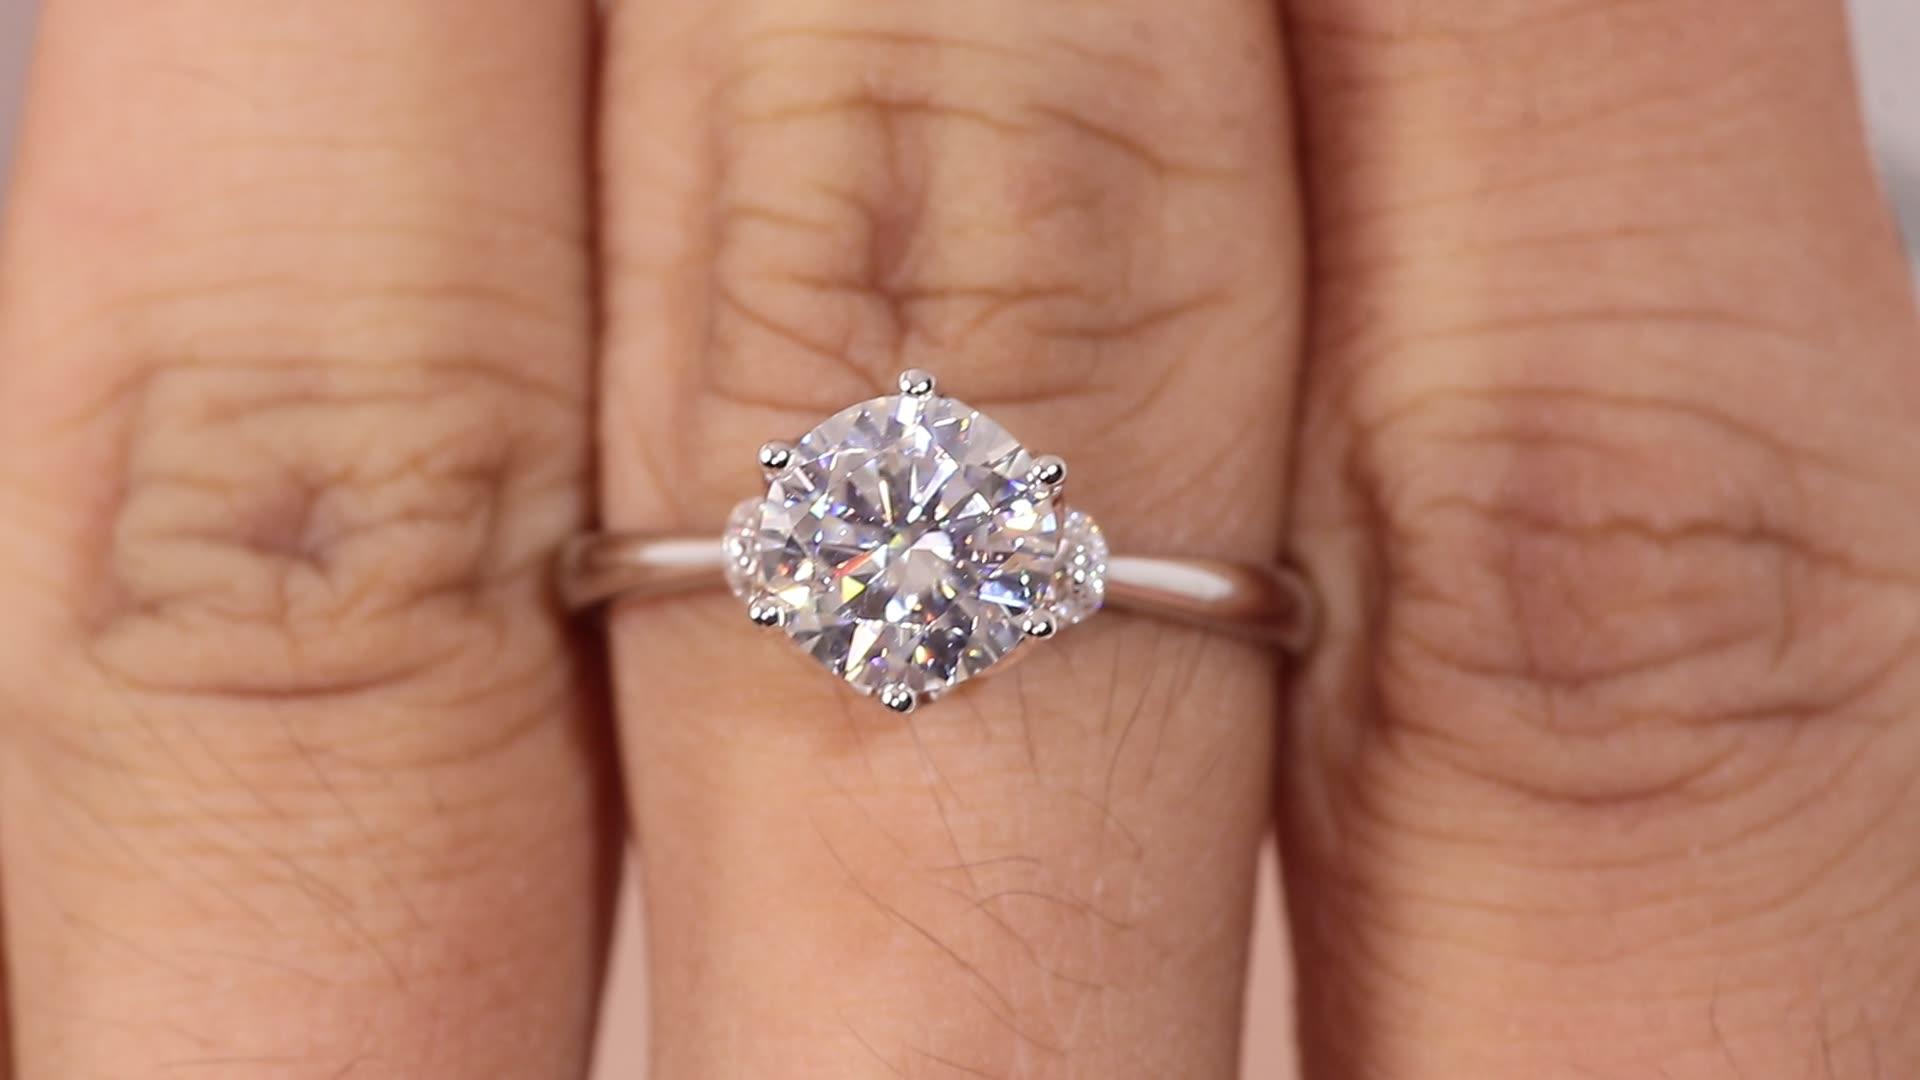 IGI certificar lab grown diamante anéis de noivado 14k ouro branco perto 2 carat anel solitário de diamante